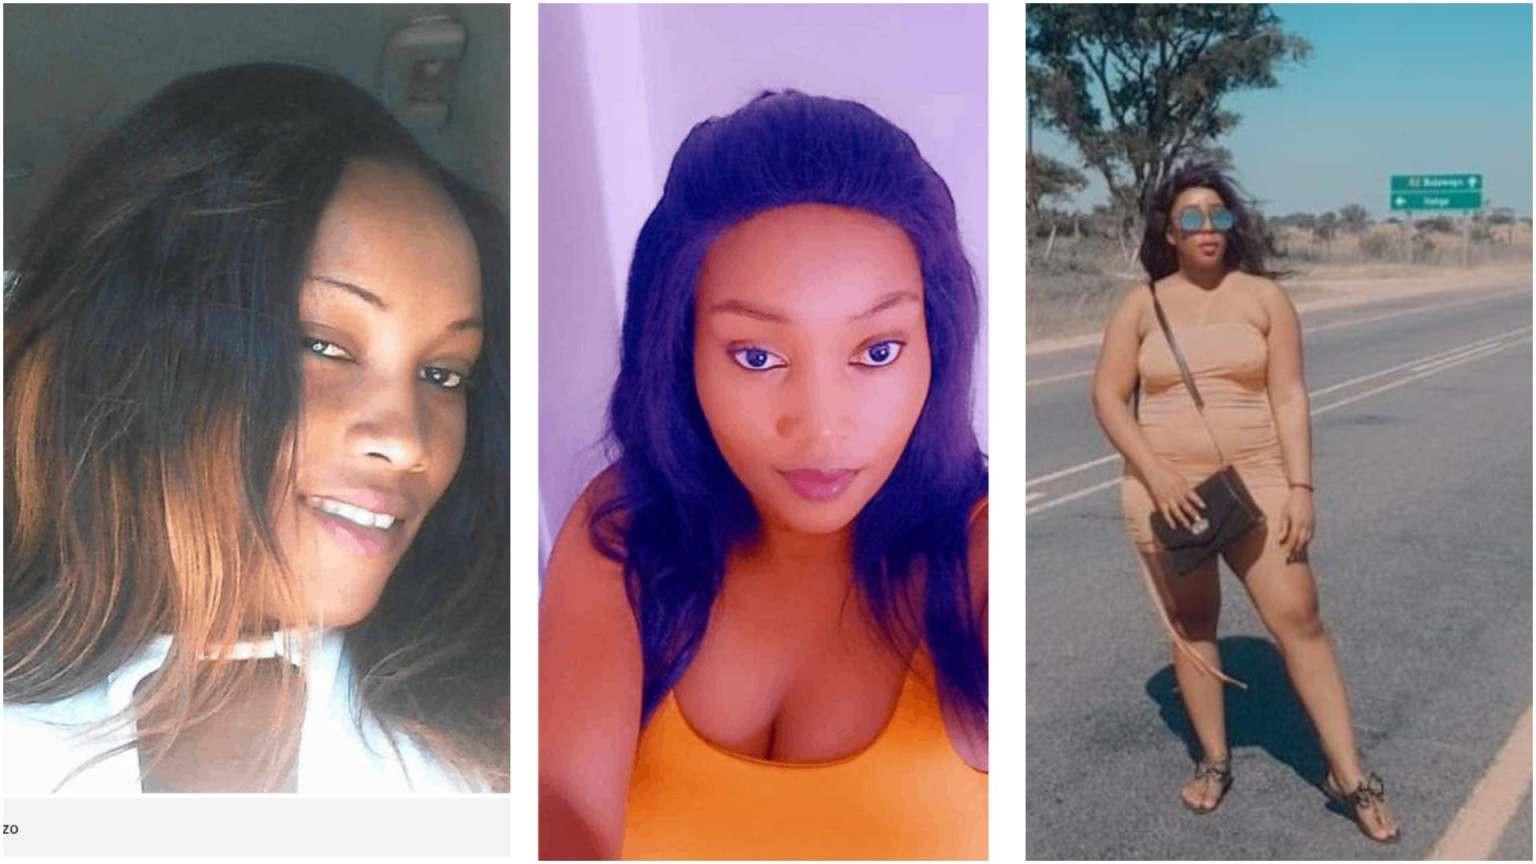 Gweru Shooting Victims From Left: Nyaradzo, Nyasha and Gamuchirai